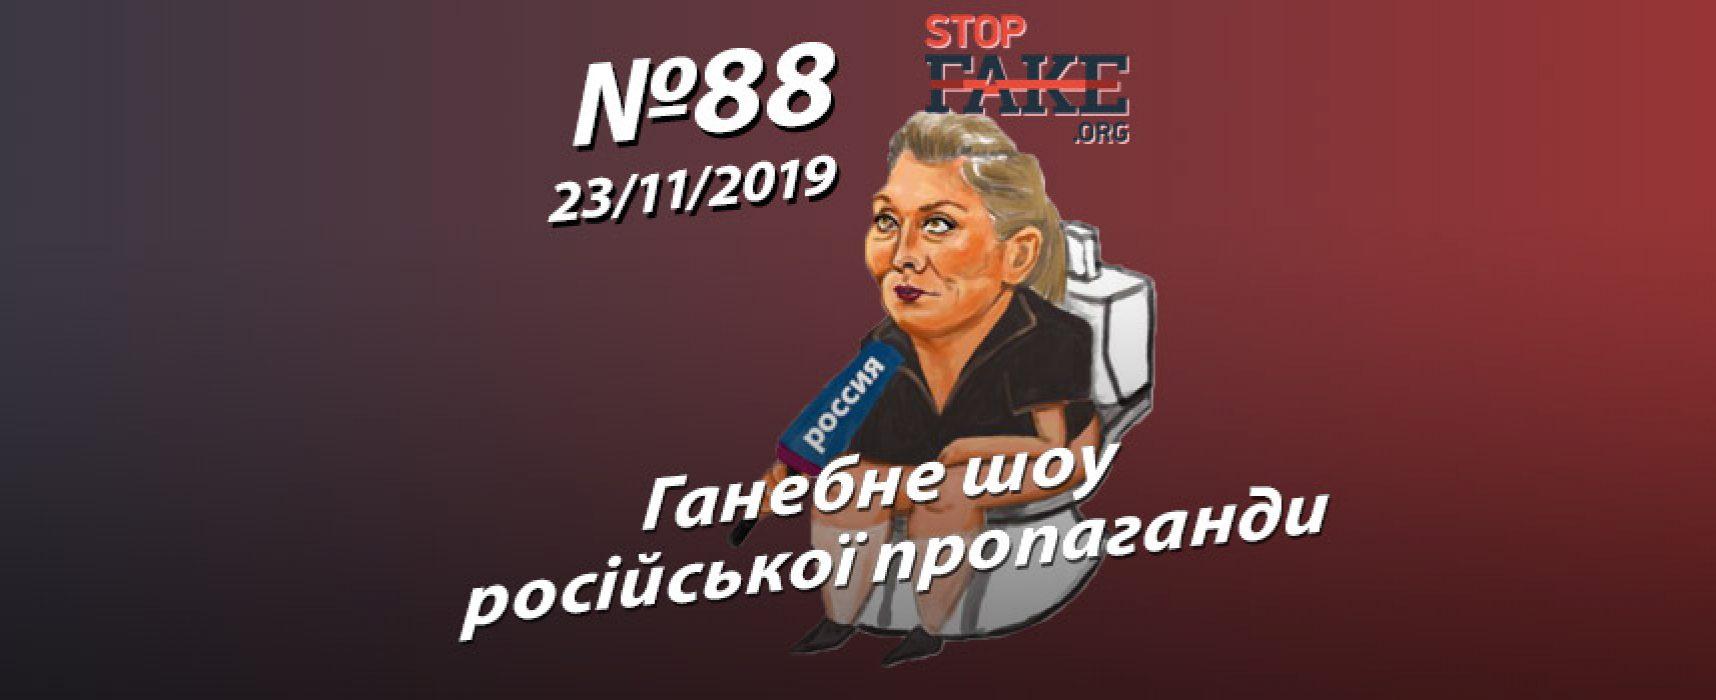 Ганебне шоу російської пропаганди – StopFake.org